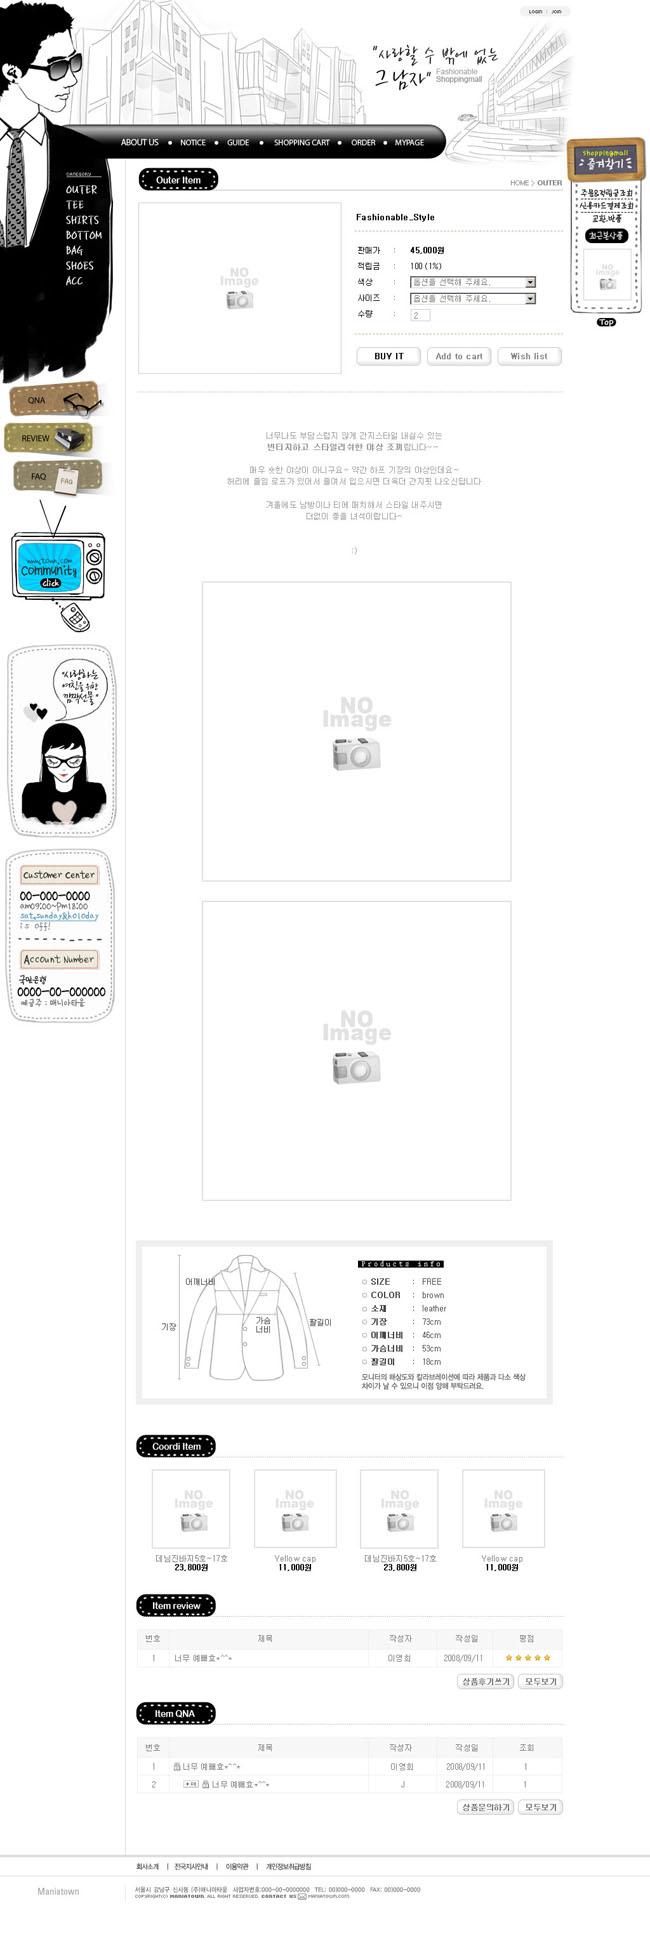 个人博客设计方案网页模板